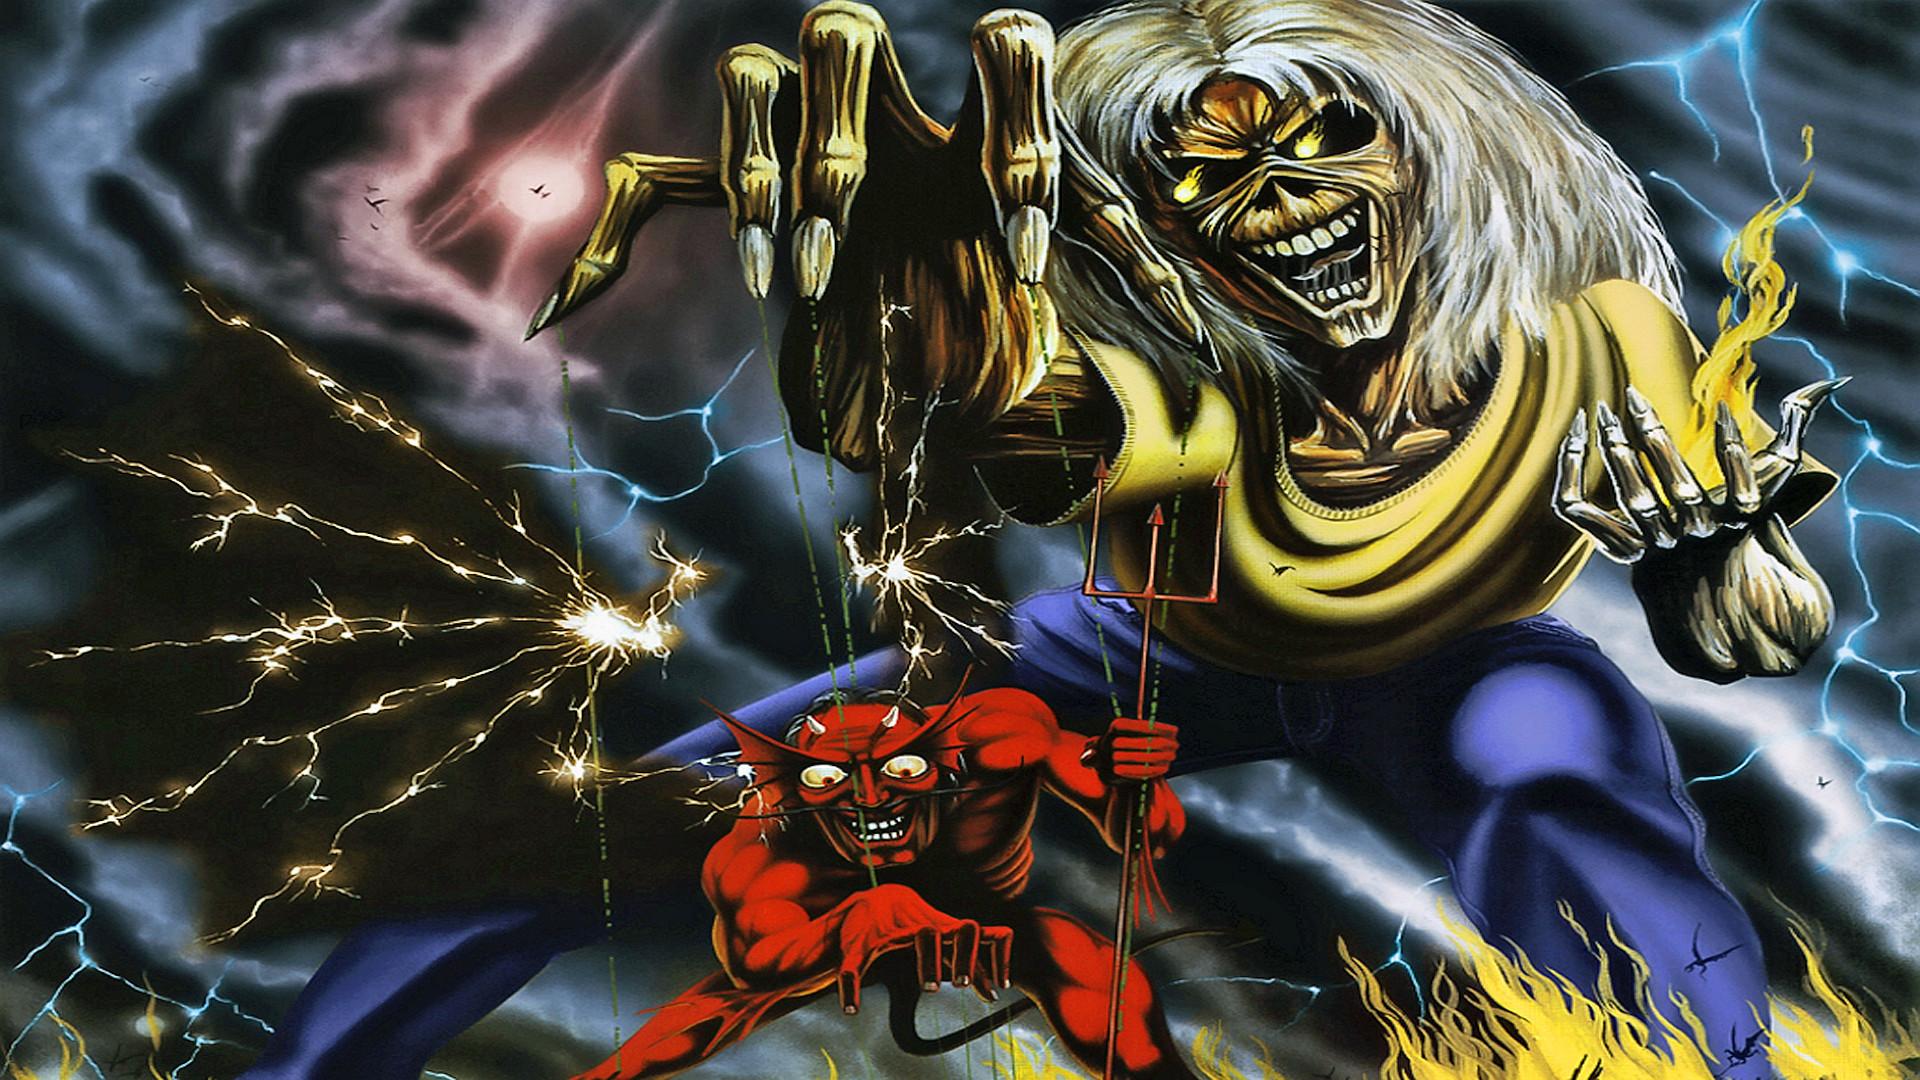 IRON MAIDEN heavy metal dark album cover eddie fs wallpaper | |  120414 | WallpaperUP